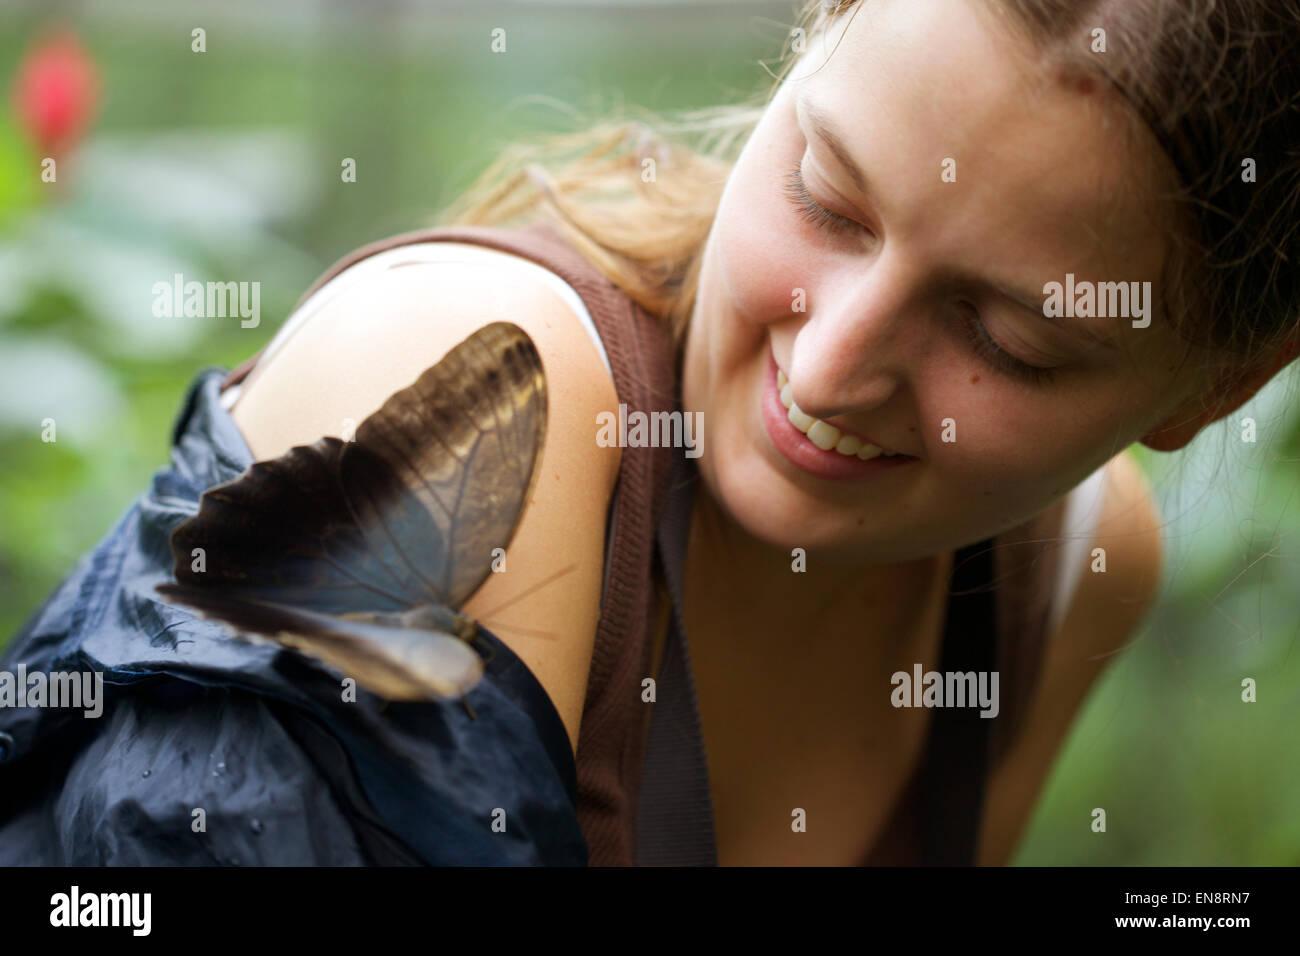 Una joven mujer maravilla ante una gran mariposa que ha aterrizado en su brazo. Imagen De Stock